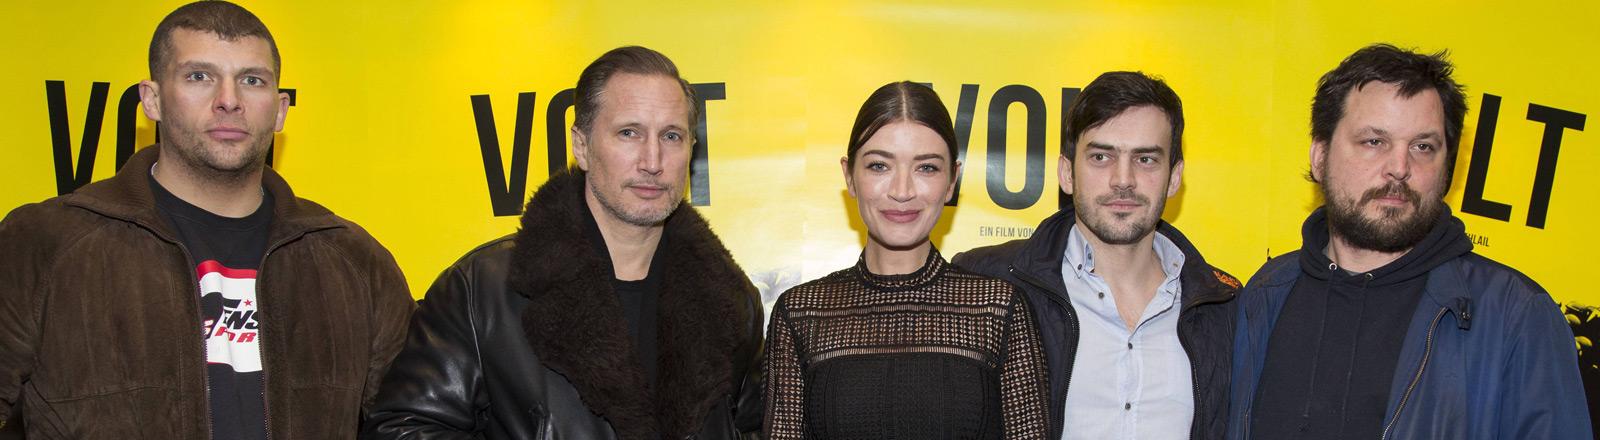 """Regisseur und Schauspieler des Films """"Volt""""."""